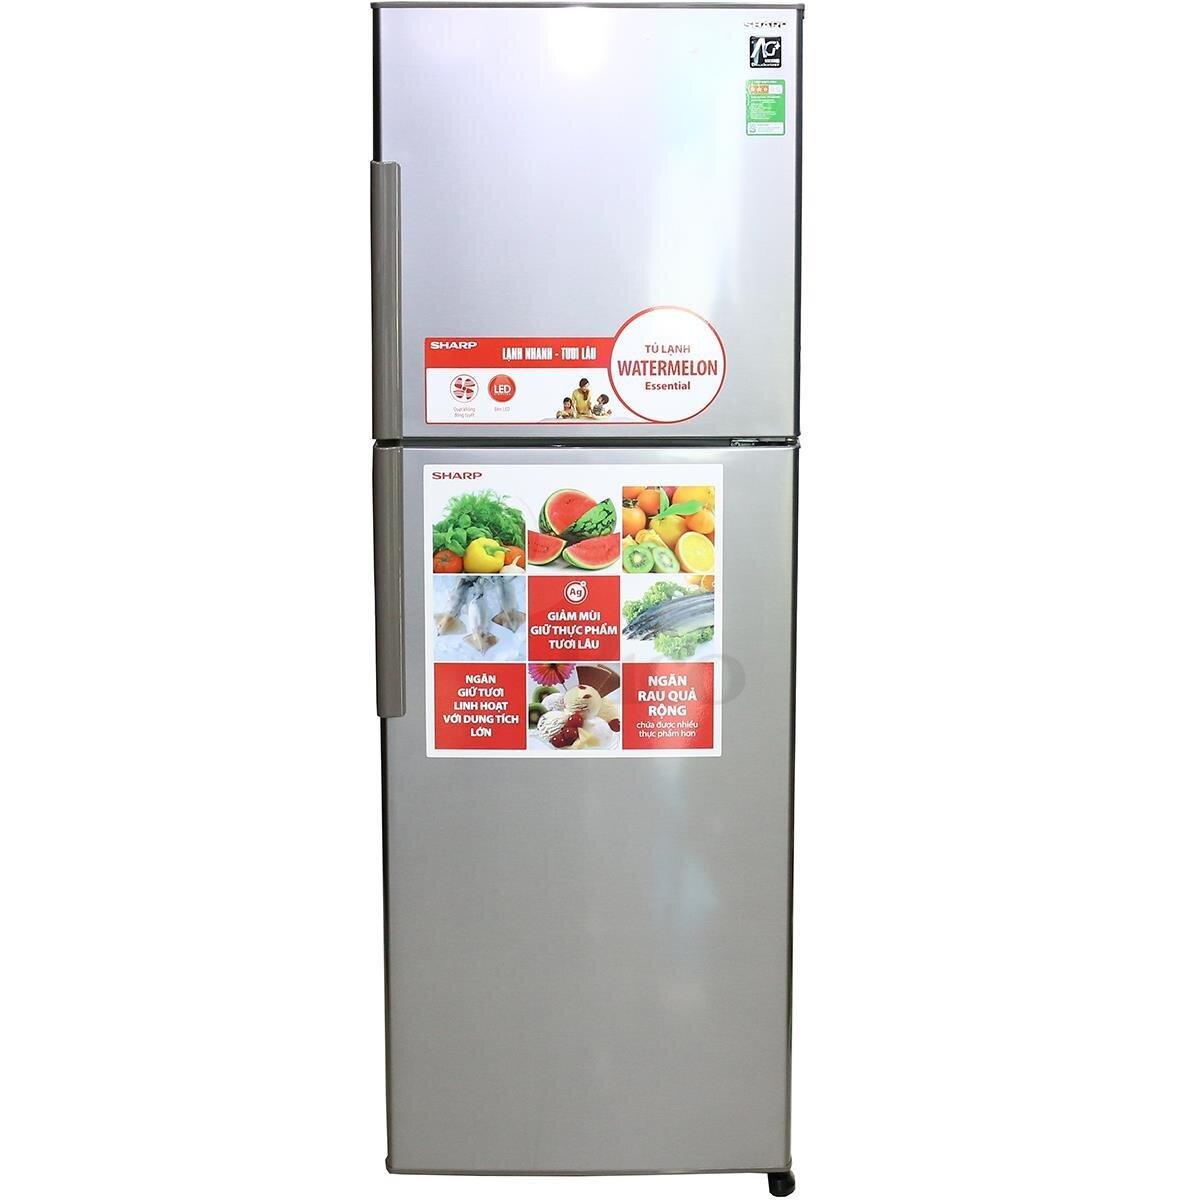 Bảng giá các dòng tủ lạnh Sharp phổ biến cập nhật tháng 5/2016